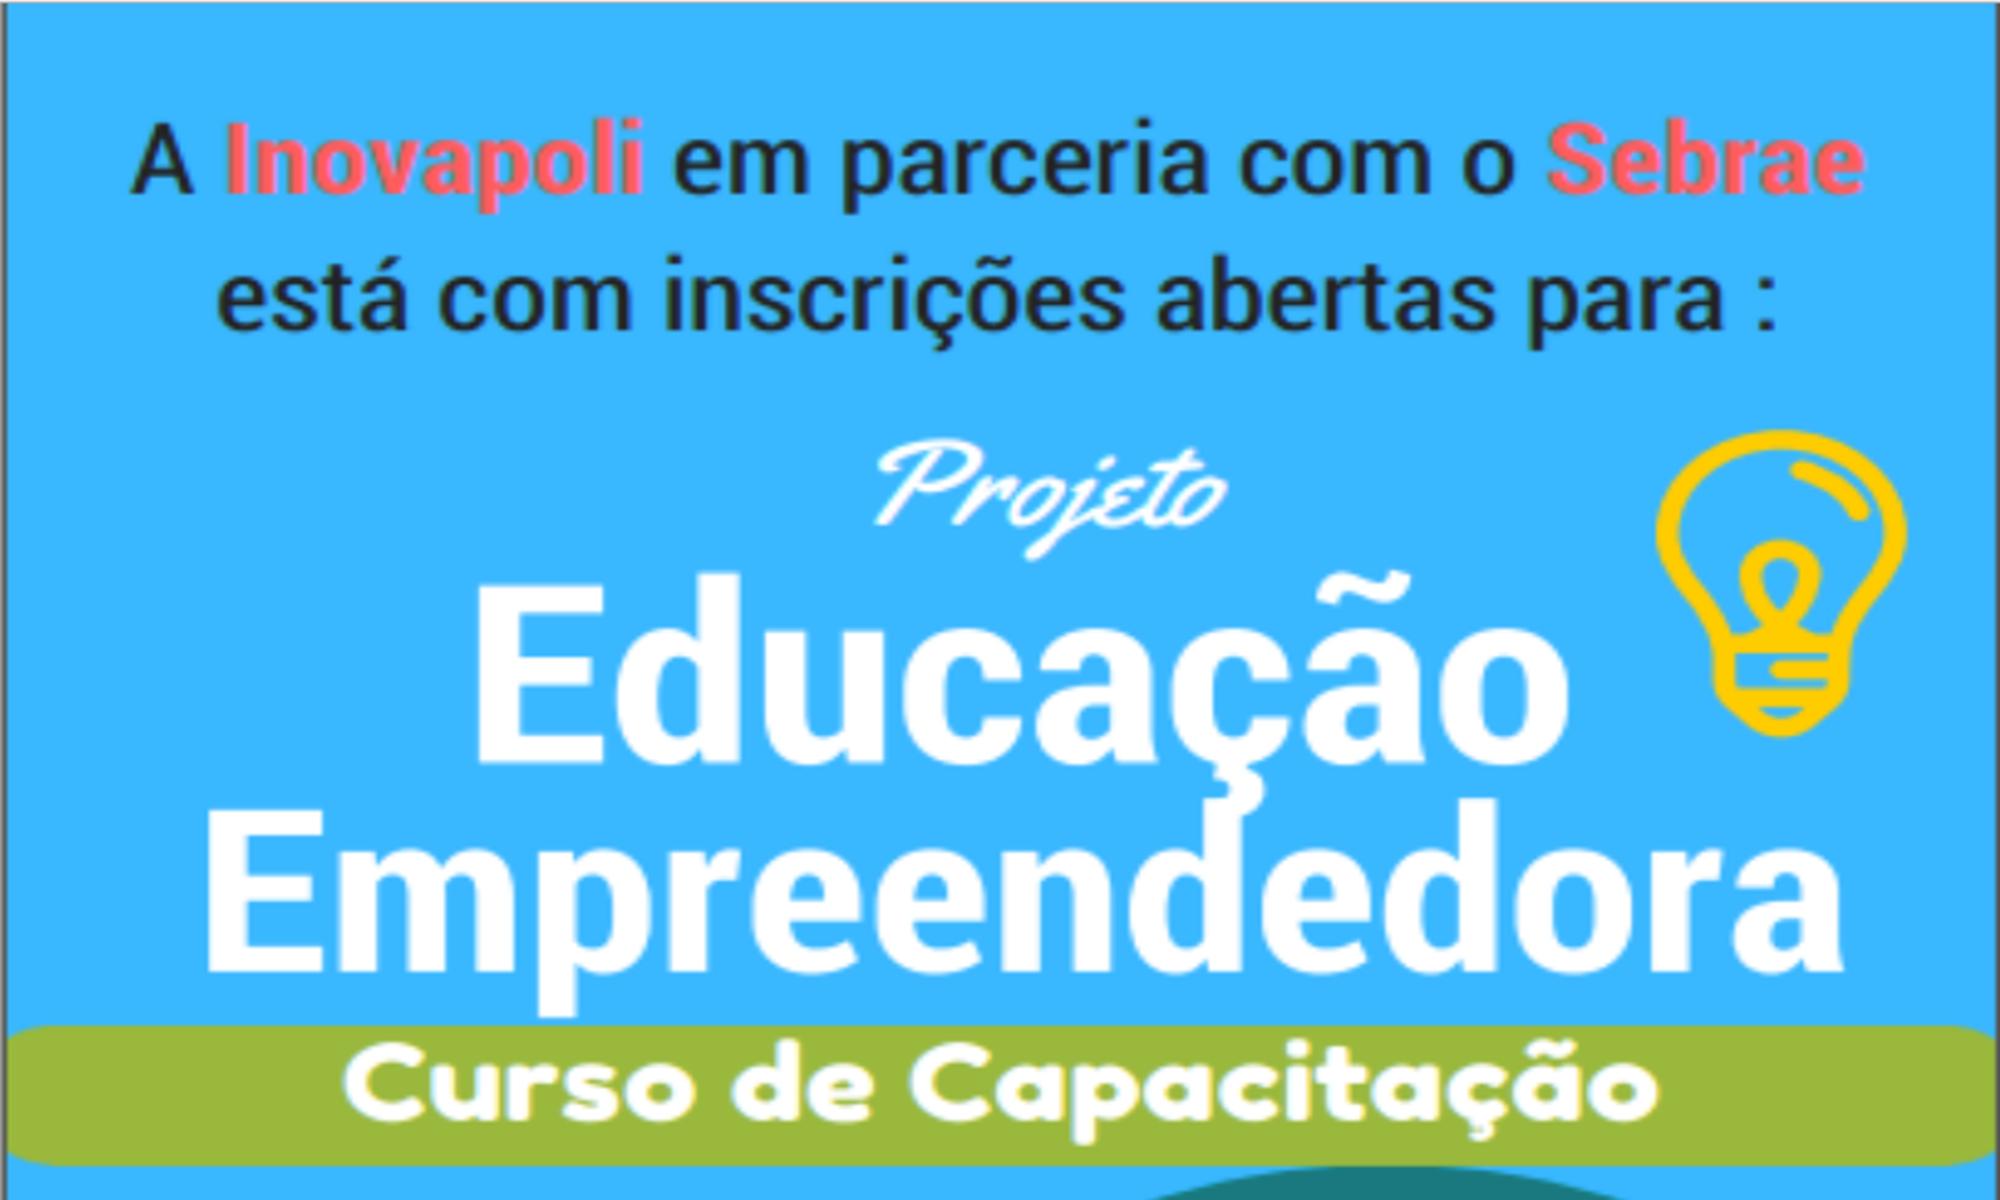 A INOVAPOLI em Parceria com o Sebrae Promove Curso de Capacitação de Docentes em Empreendedorismo e Inovação